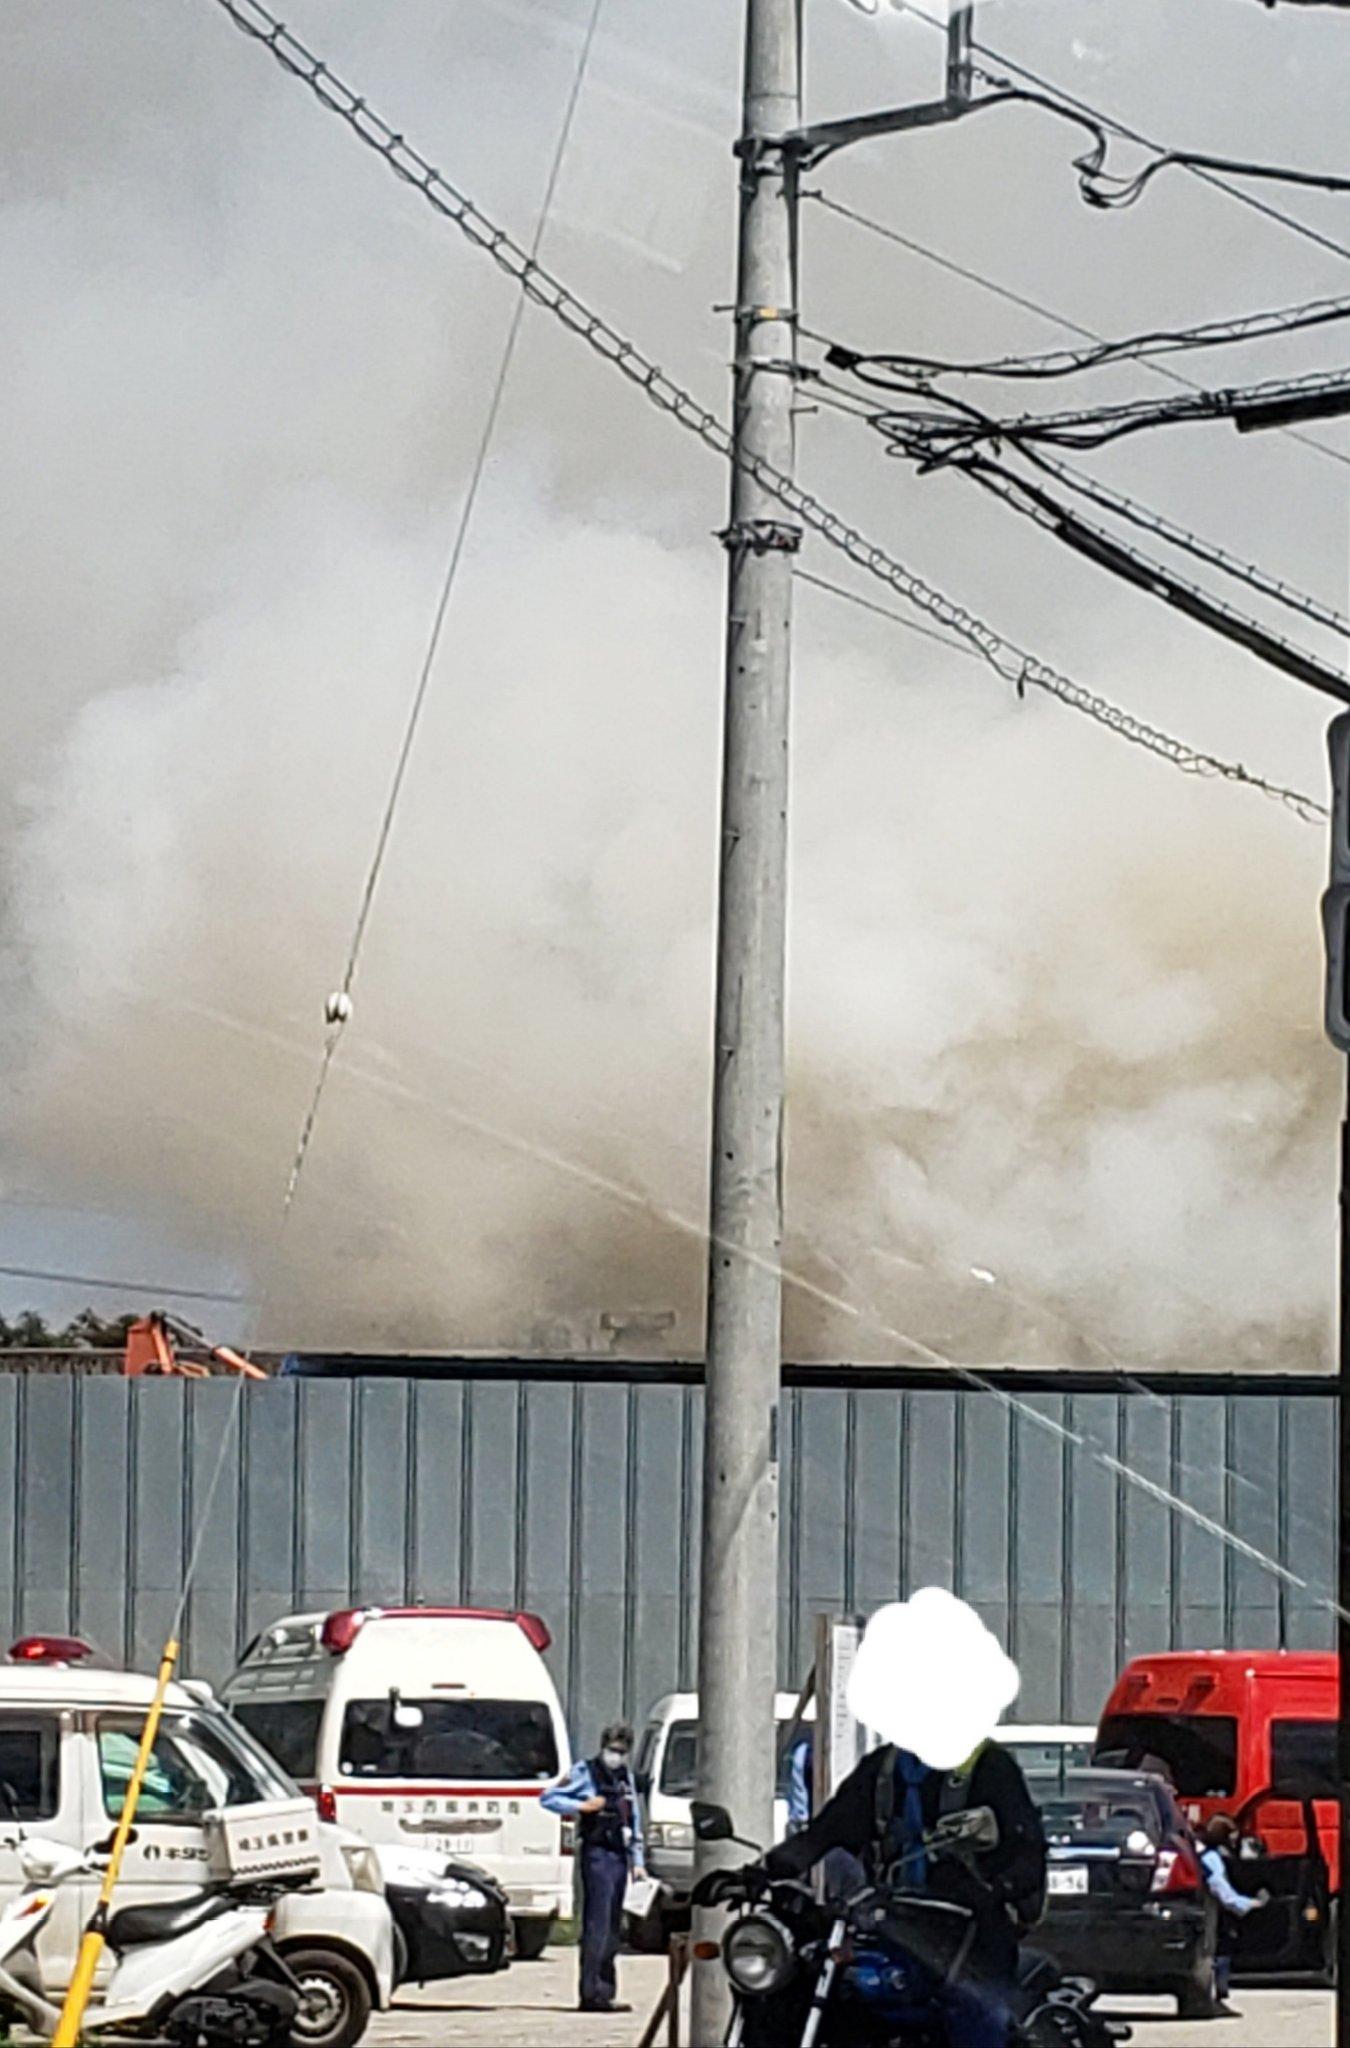 所沢市で火事が起きている現場の画像